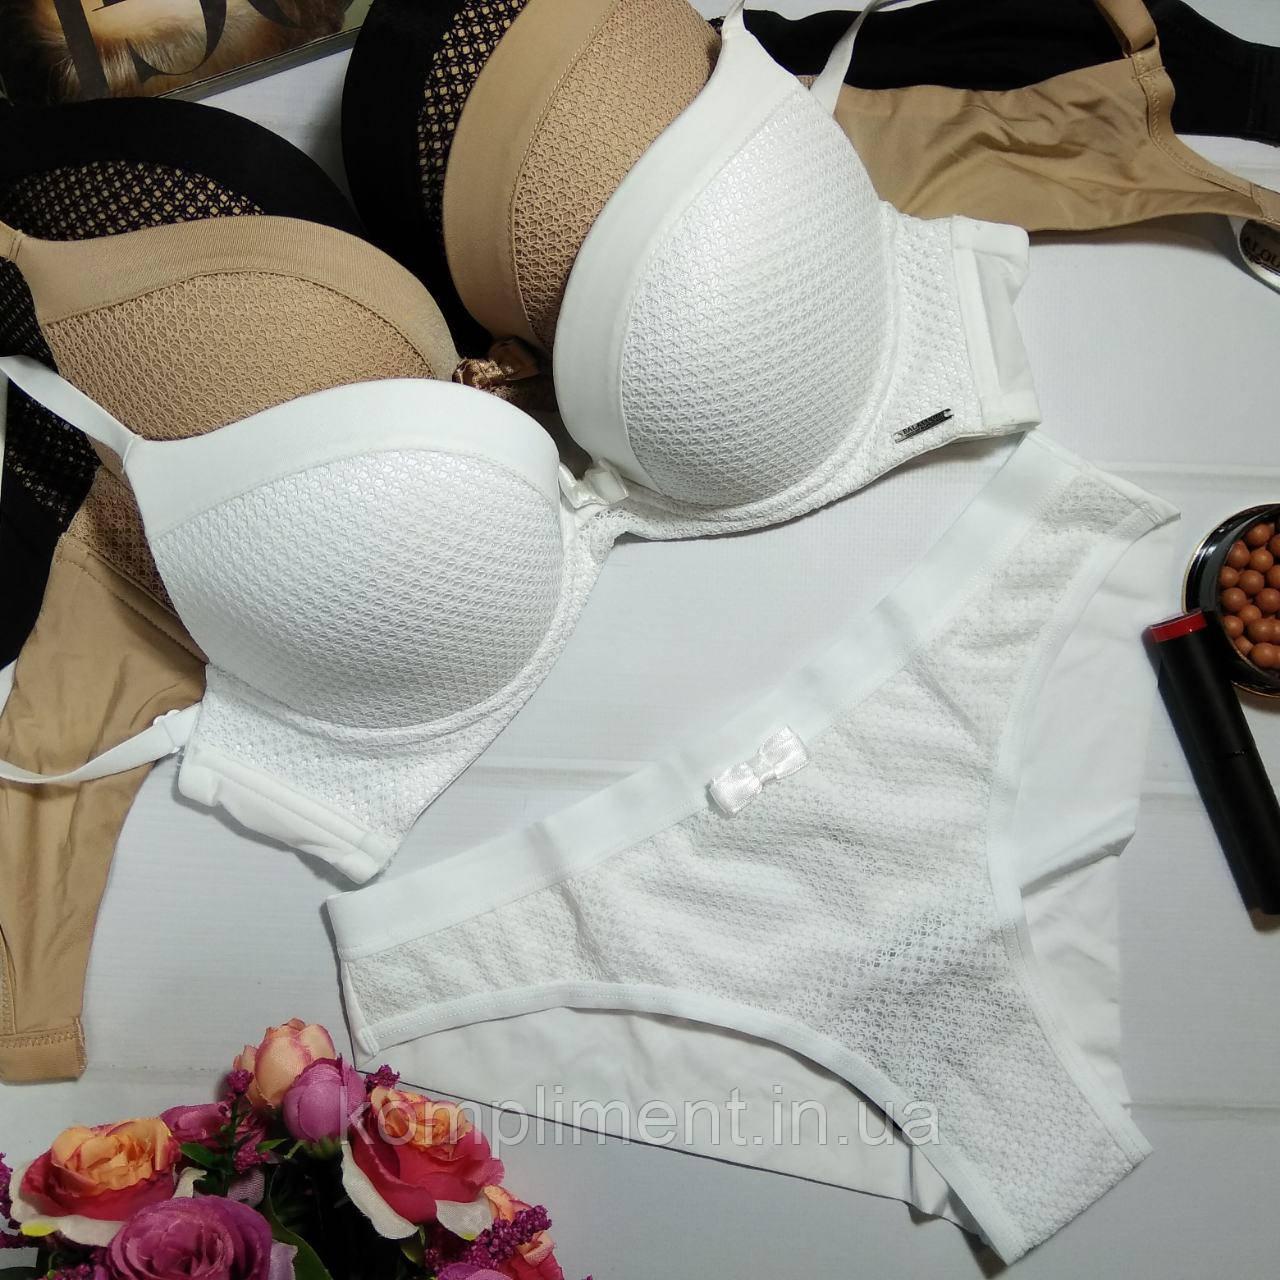 cc76c08a5c5e4 Комплект женского нижнего белья с эффектом пу ш ап Balaloum 9365 - Интернет- магазин